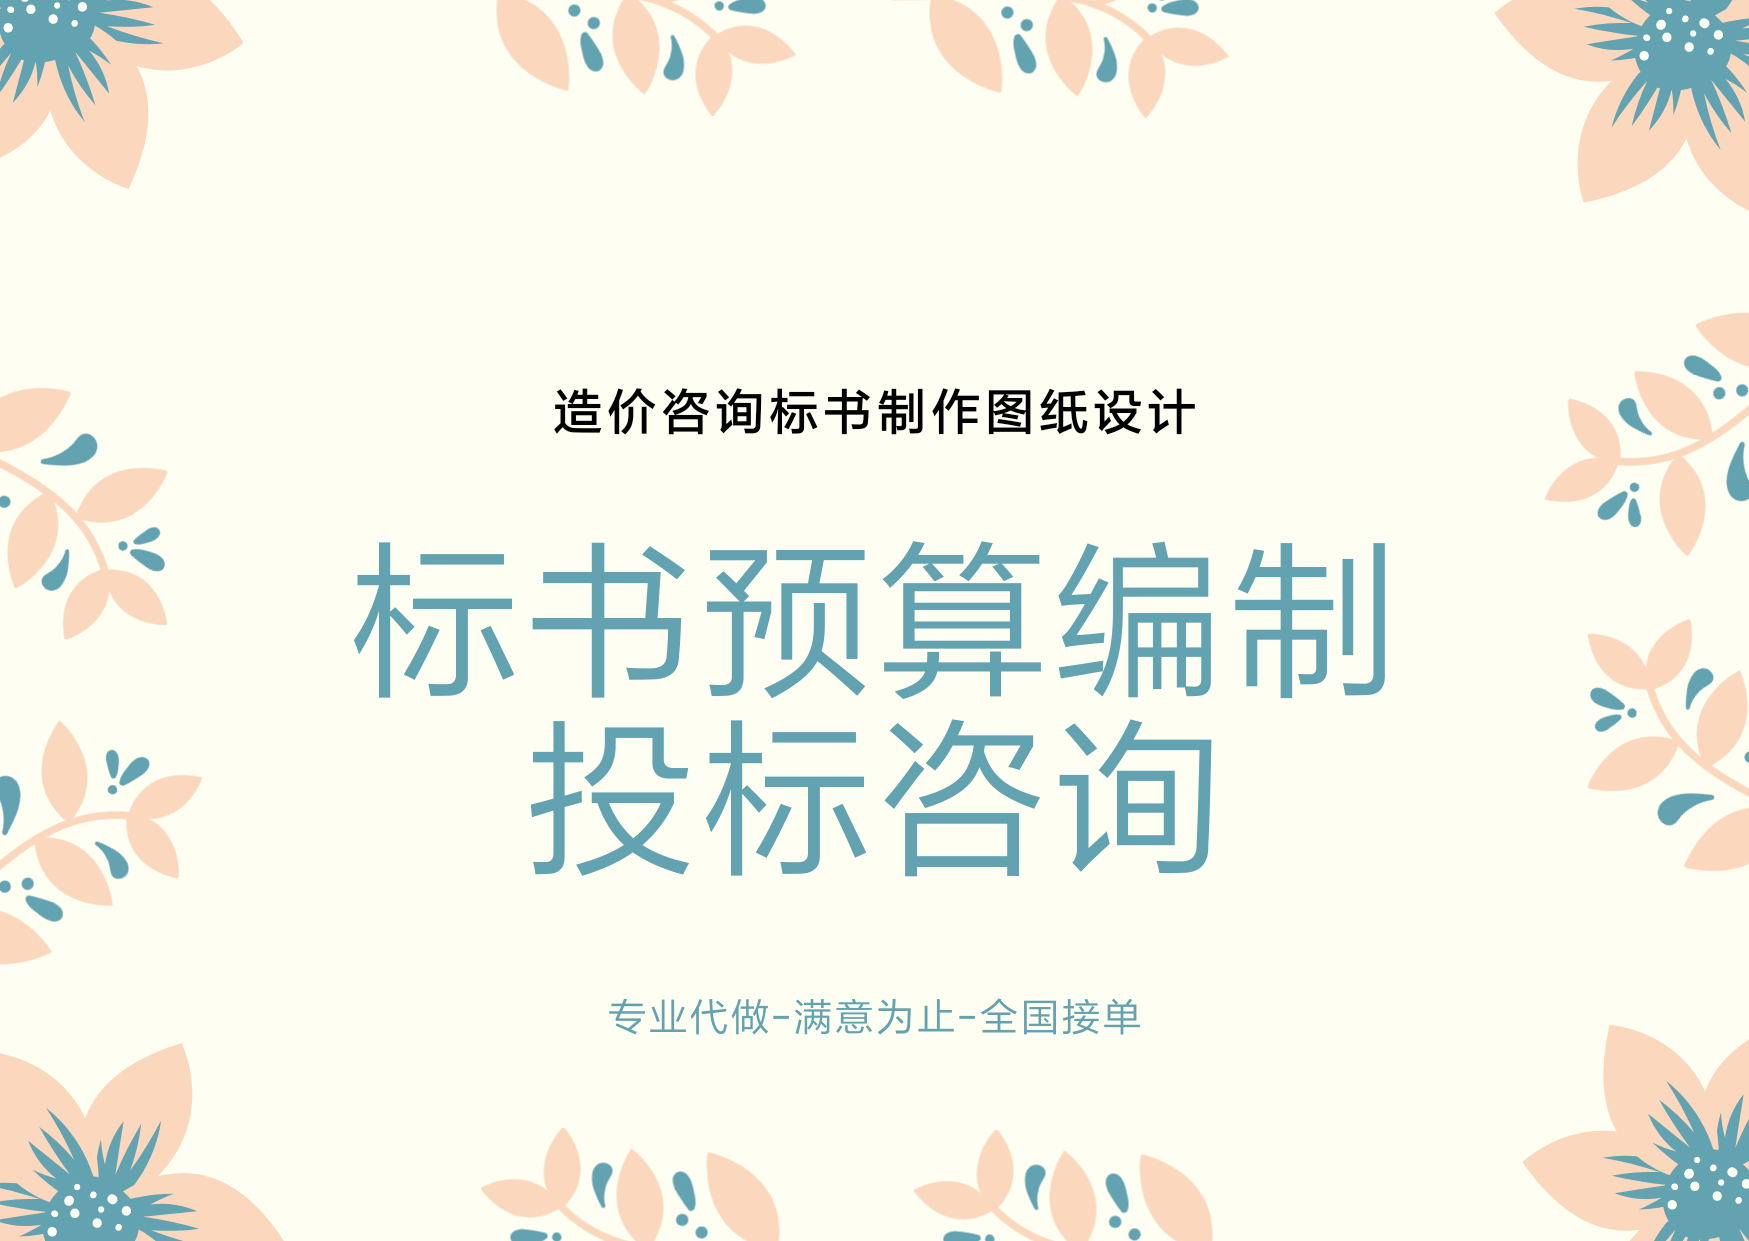 滁州維修改造預算編制- 本地預算編制公司